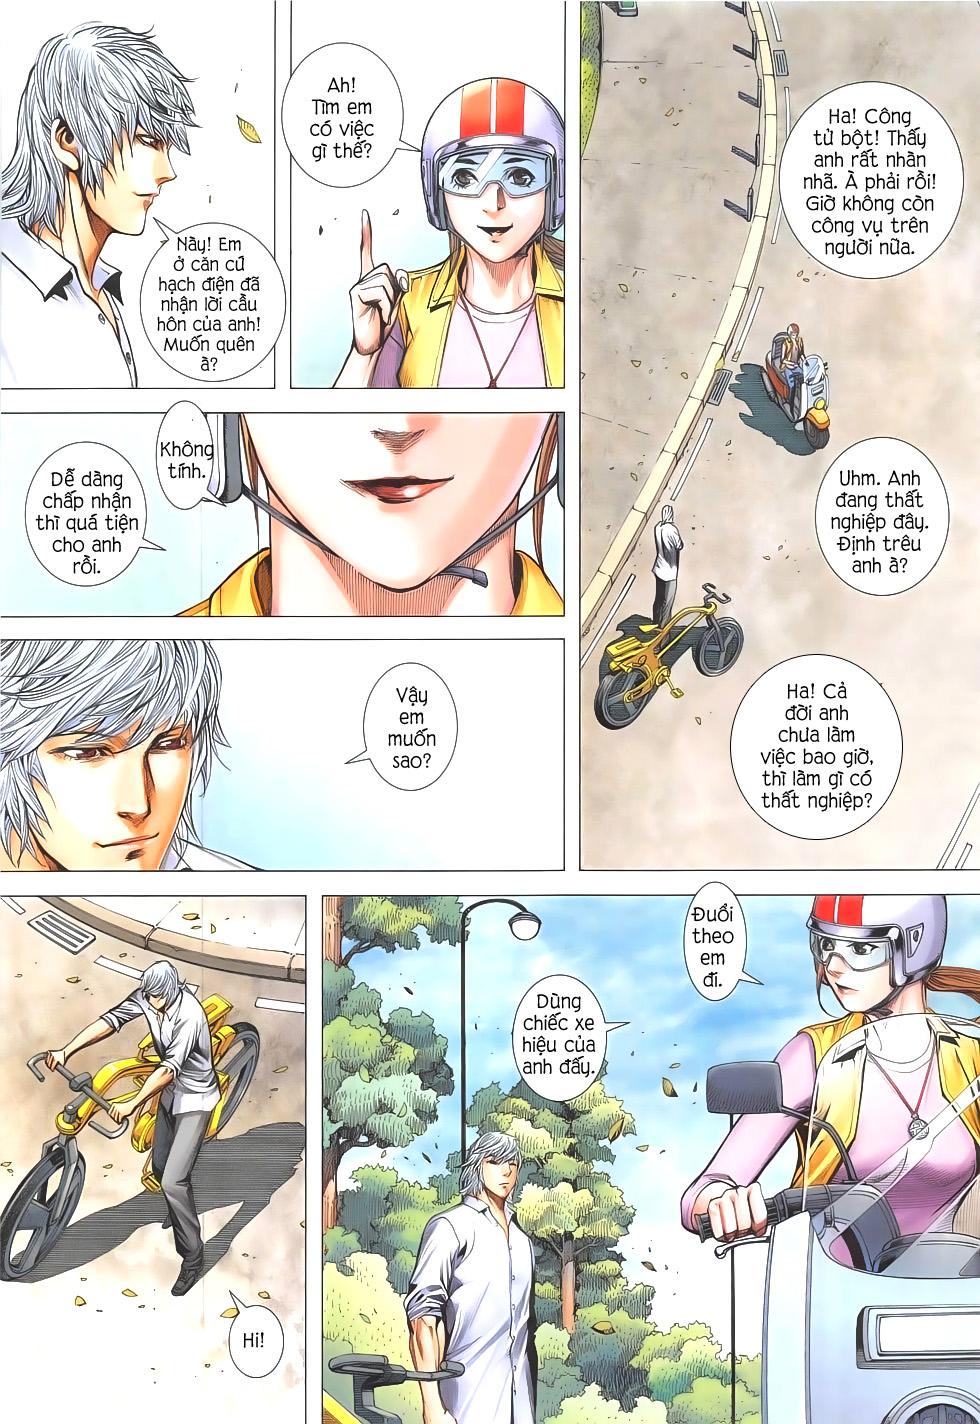 Đại Quân Phiệt chap 55 – End Trang 29 - Mangak.info